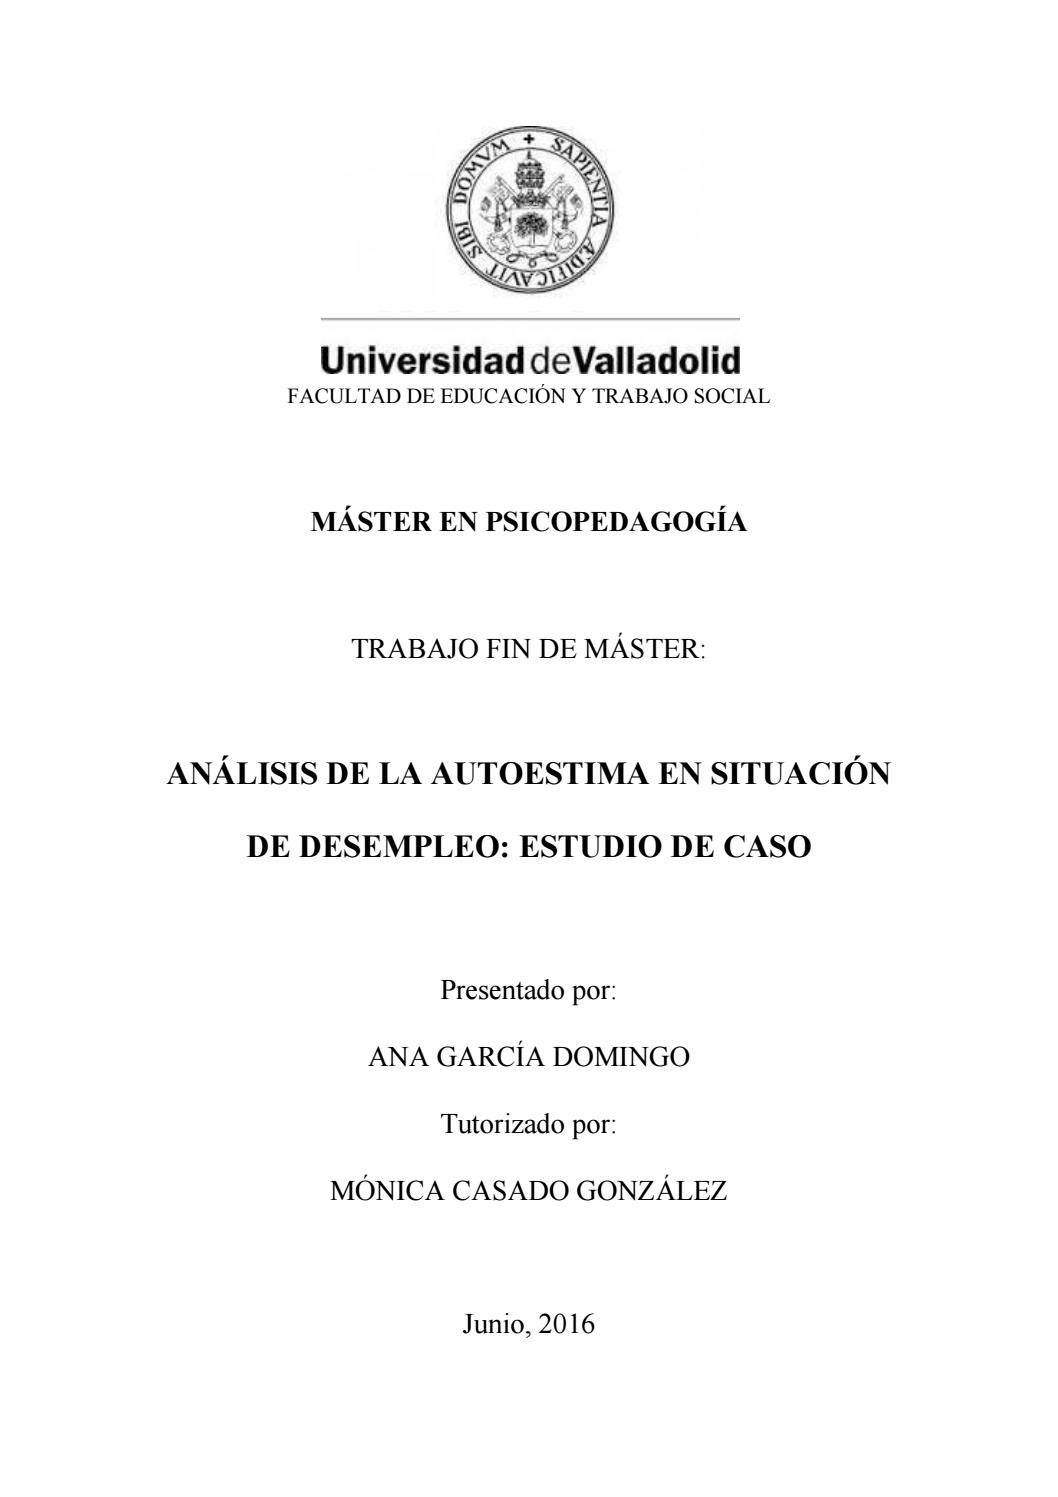 ANÁLISIS DE LA AUTOESTIMA EN SITUACIÓN DE DESEMPLEO: ESTUDIO DE CASO ...